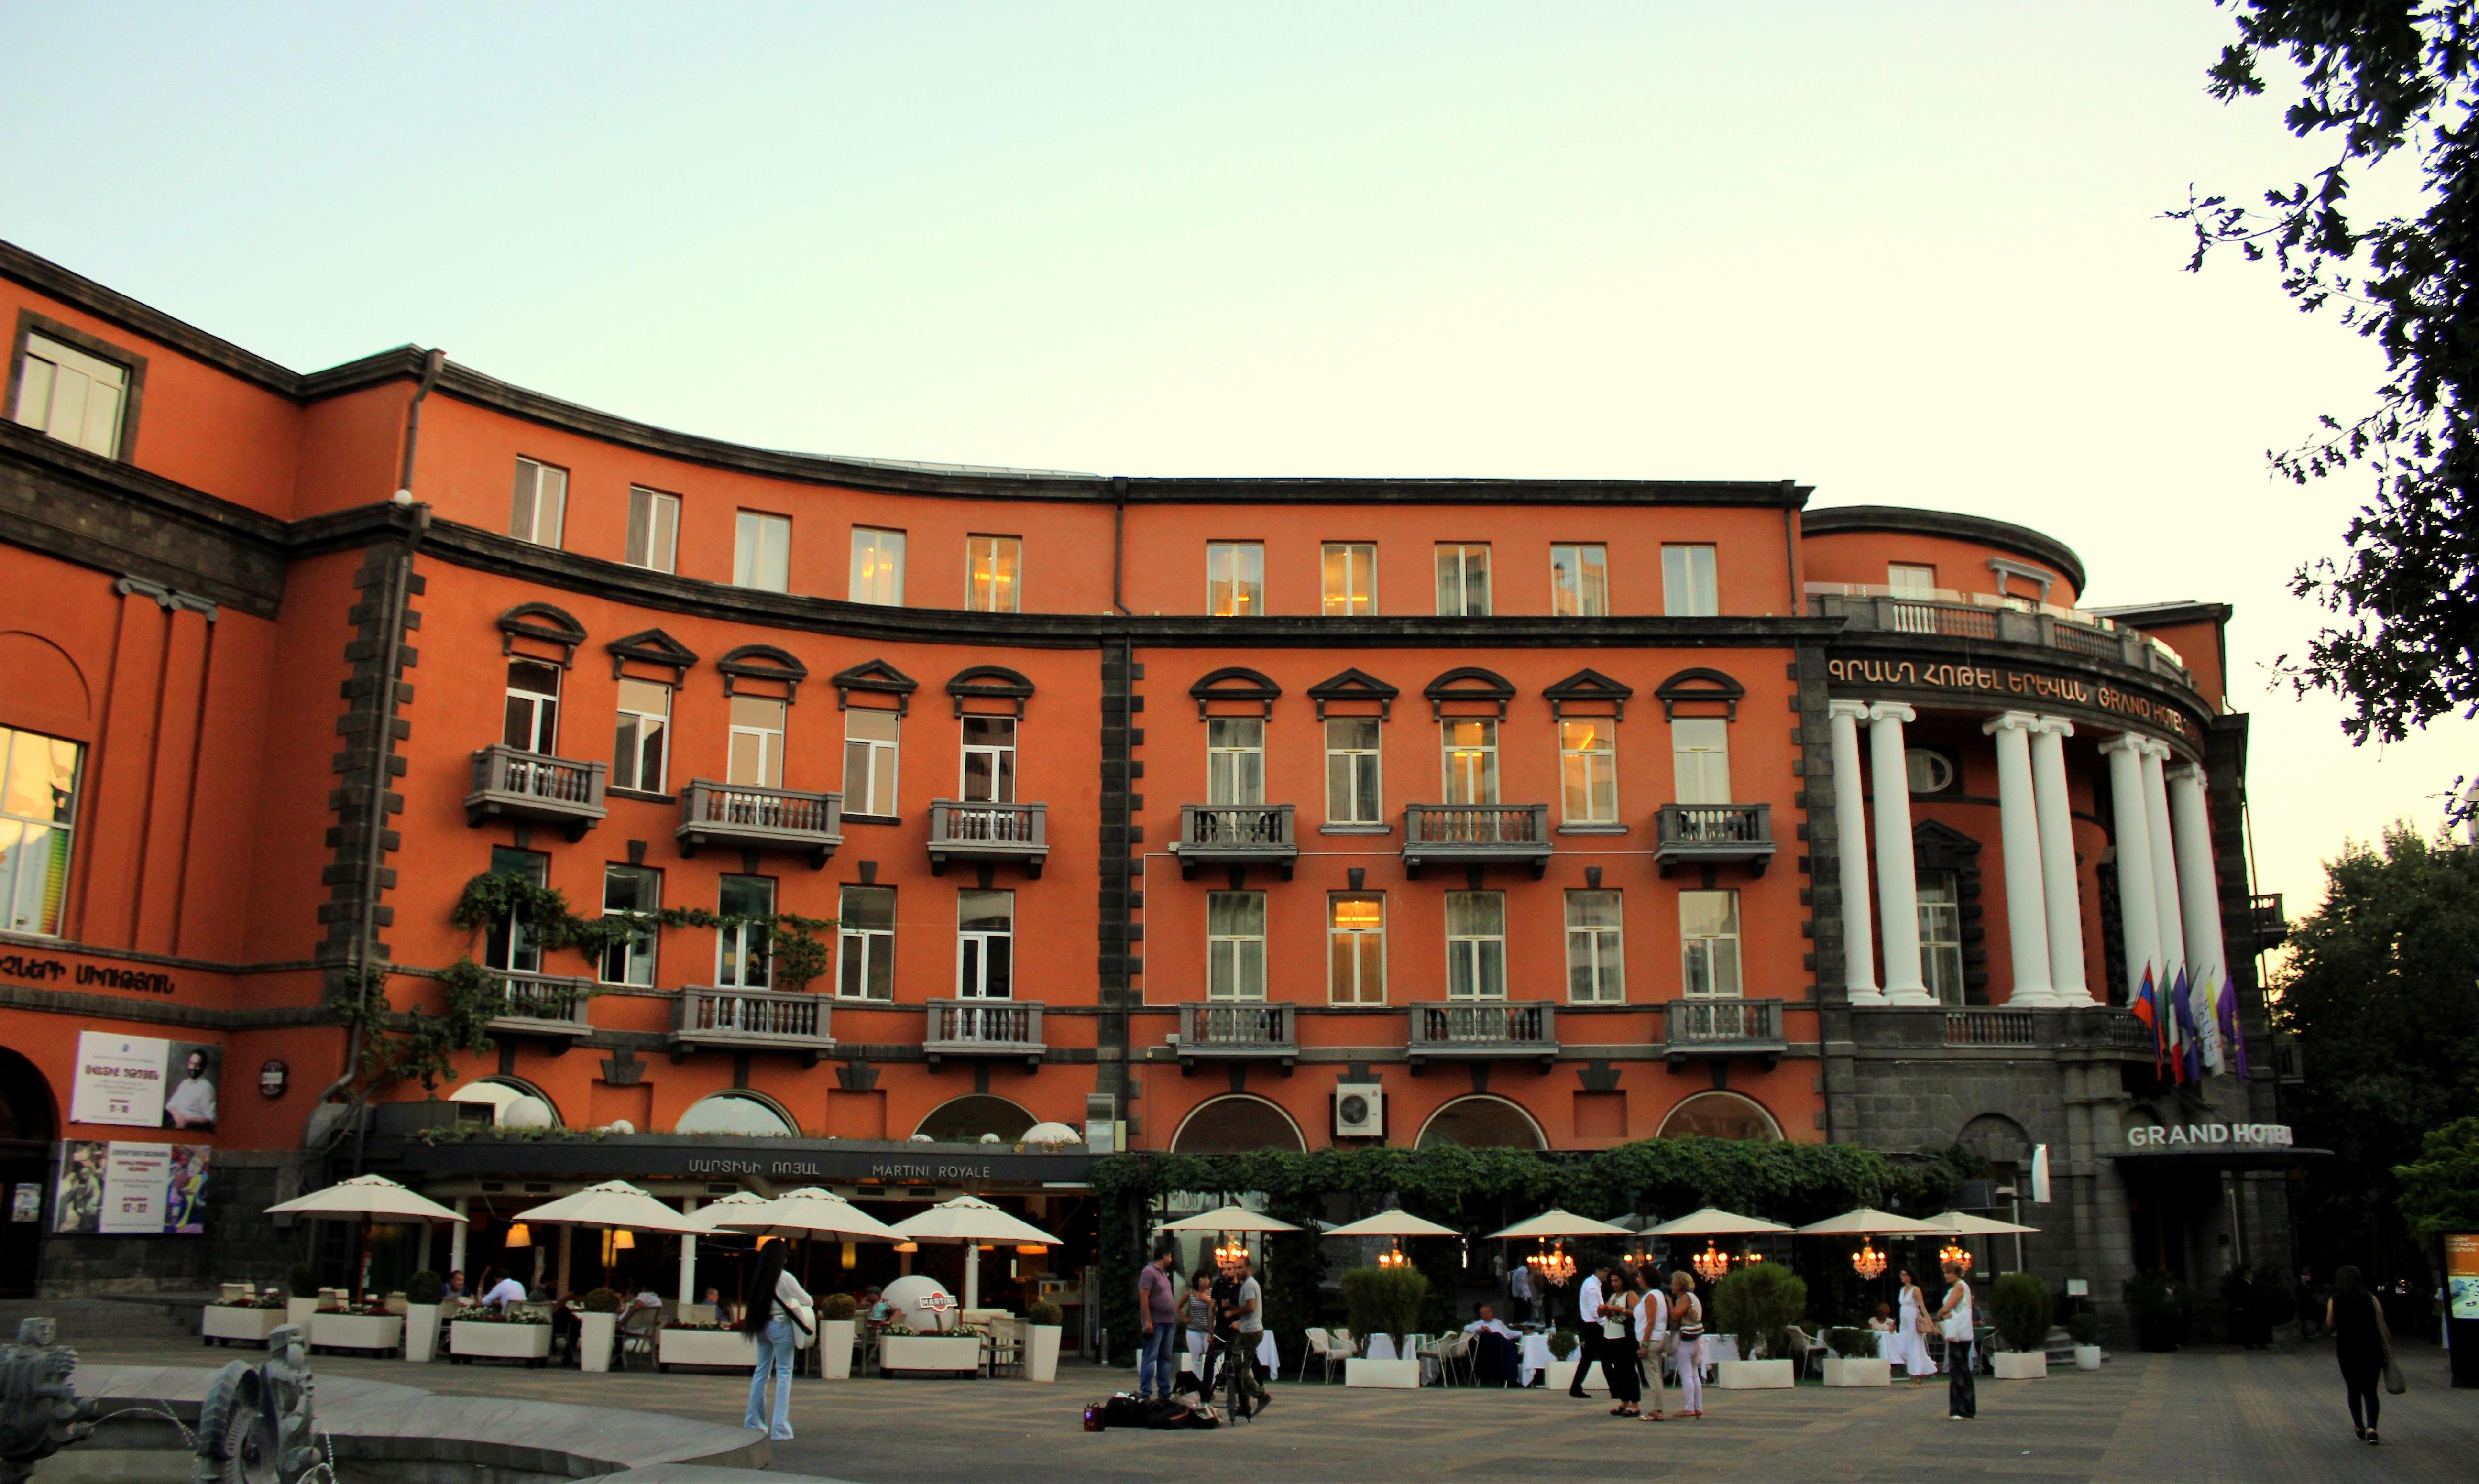 Grand Hotel Yerevan Wikipedia